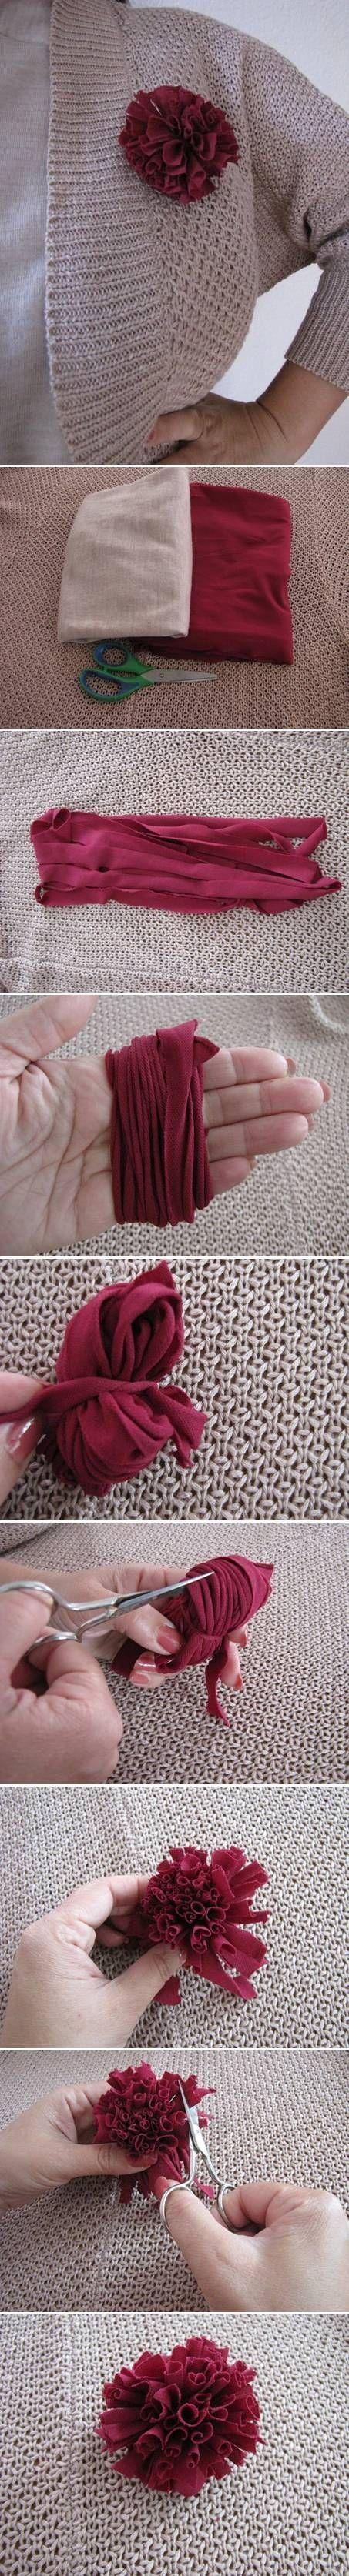 DIY Simple Fabric Brooch DIY Projects / UsefulDIY.com